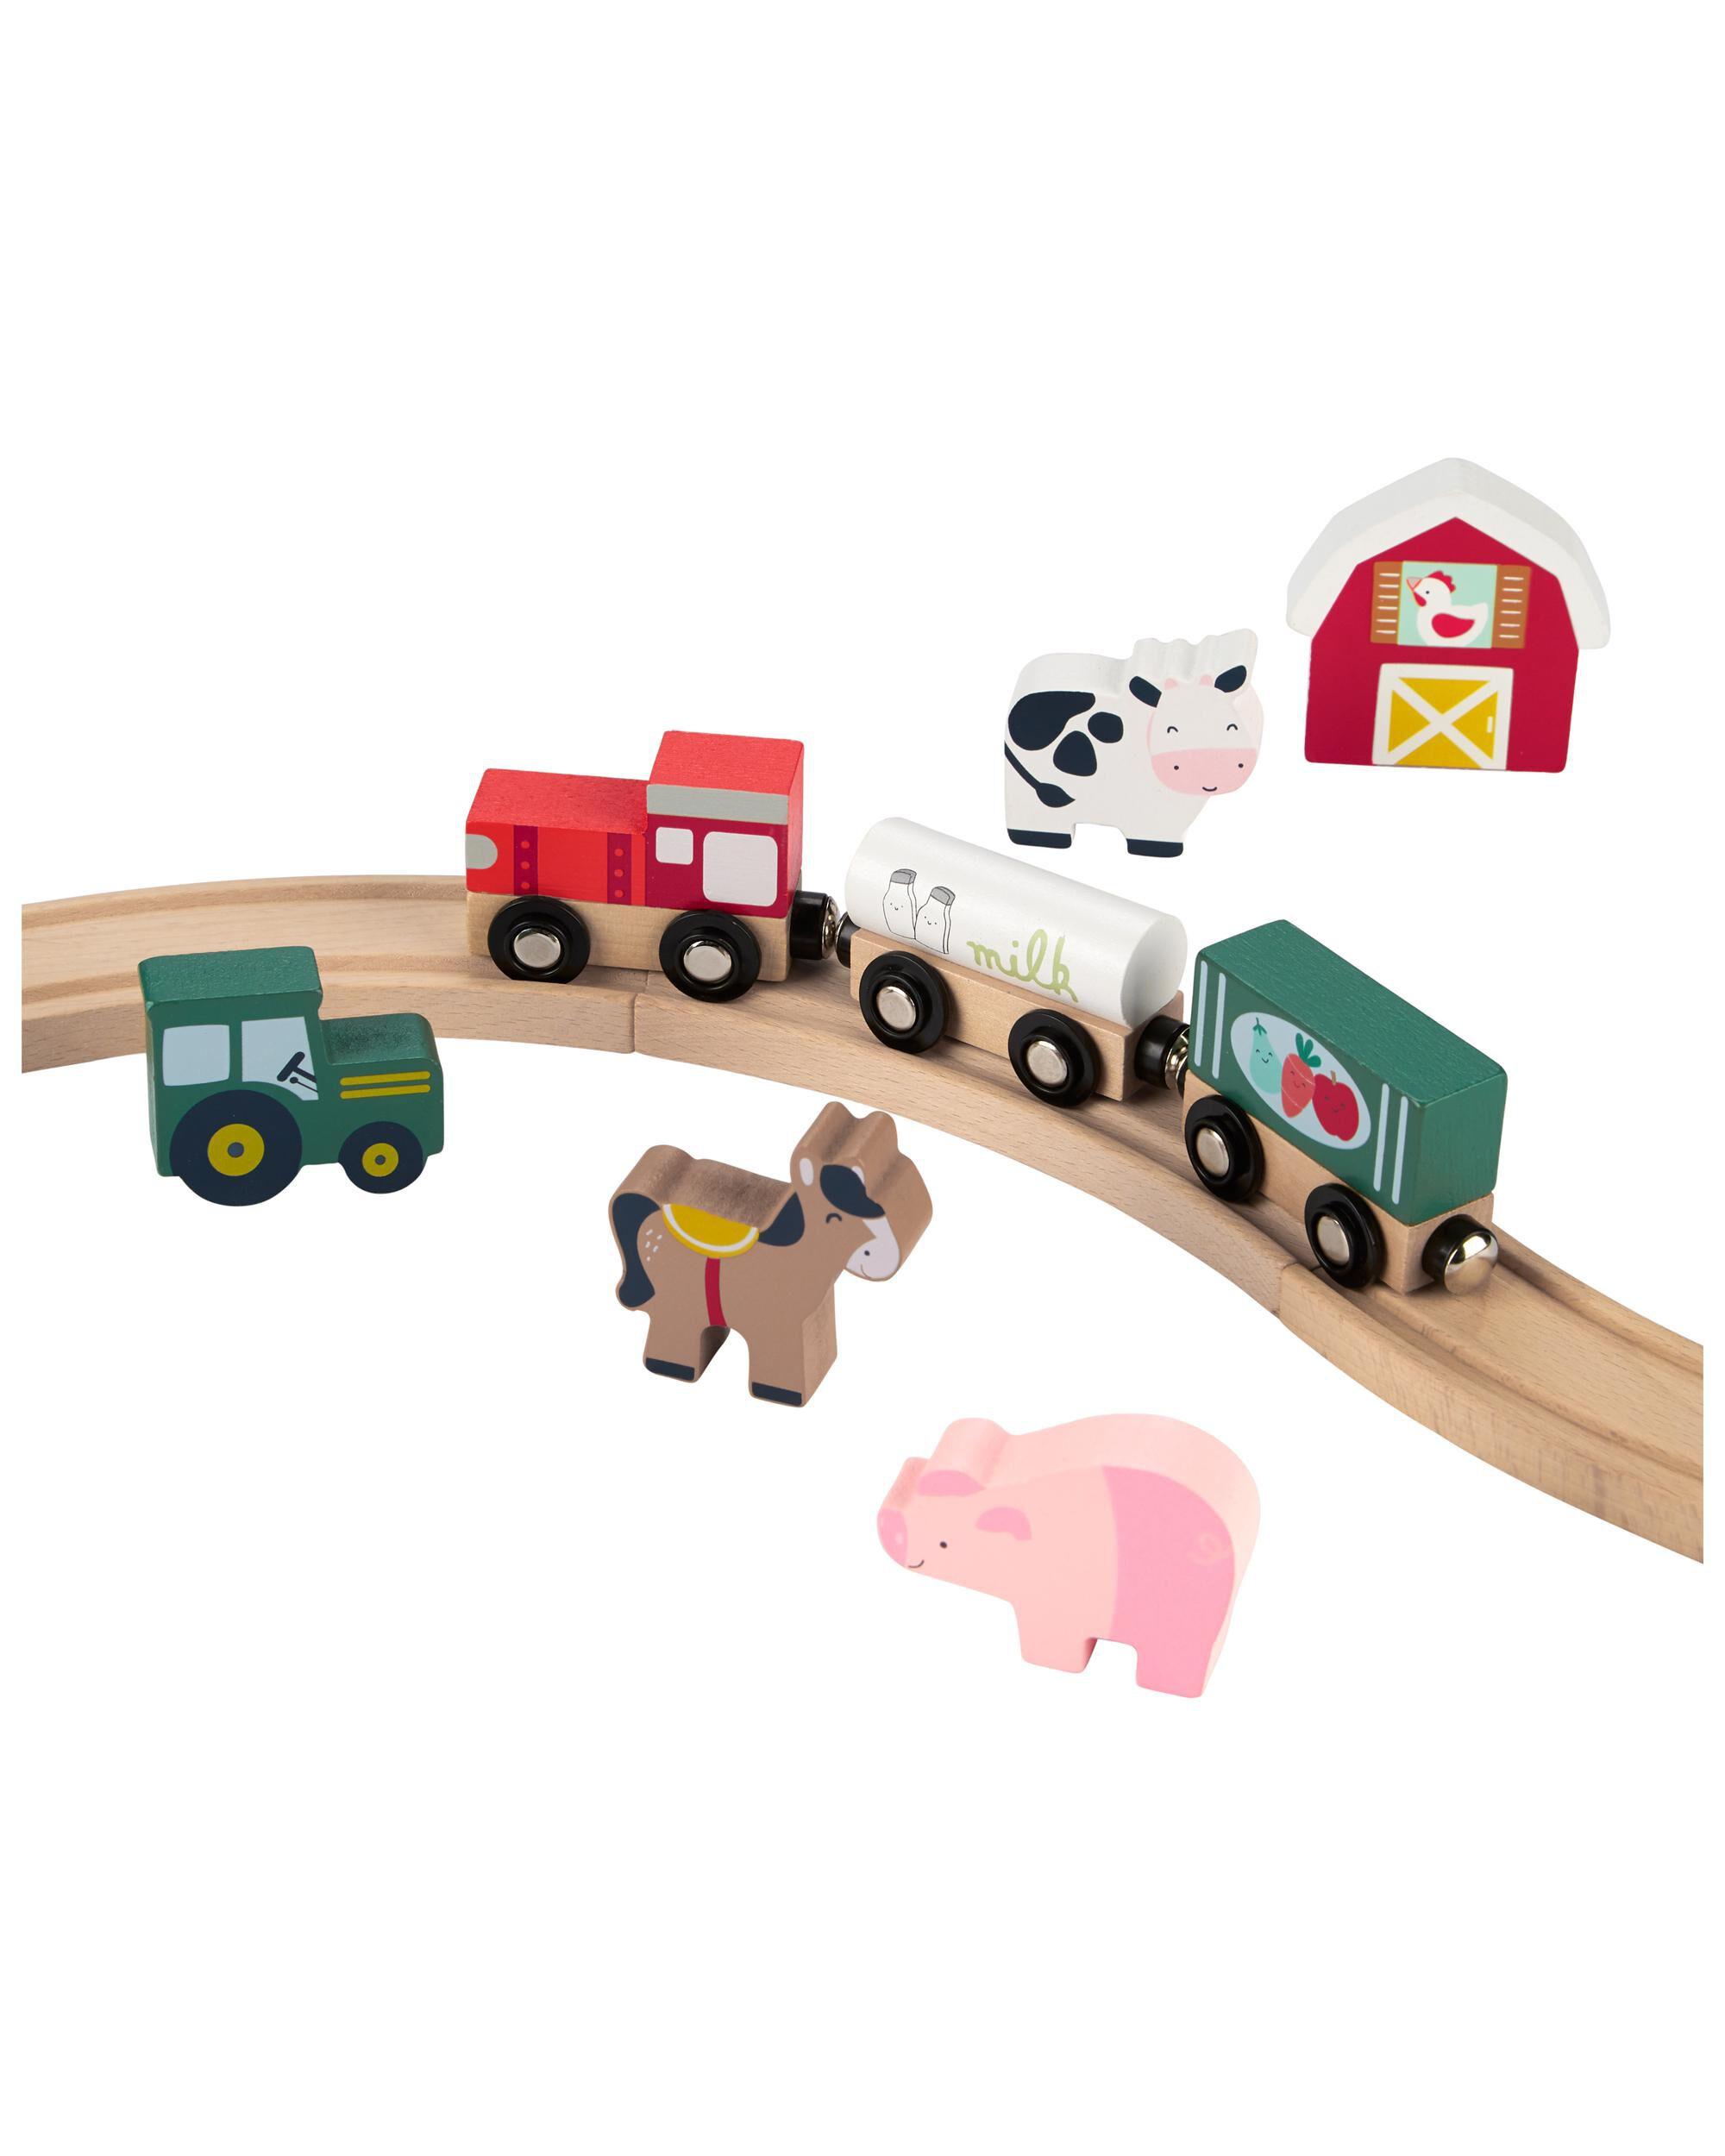 Oshkoshbgosh Wooden Animal & Train Set